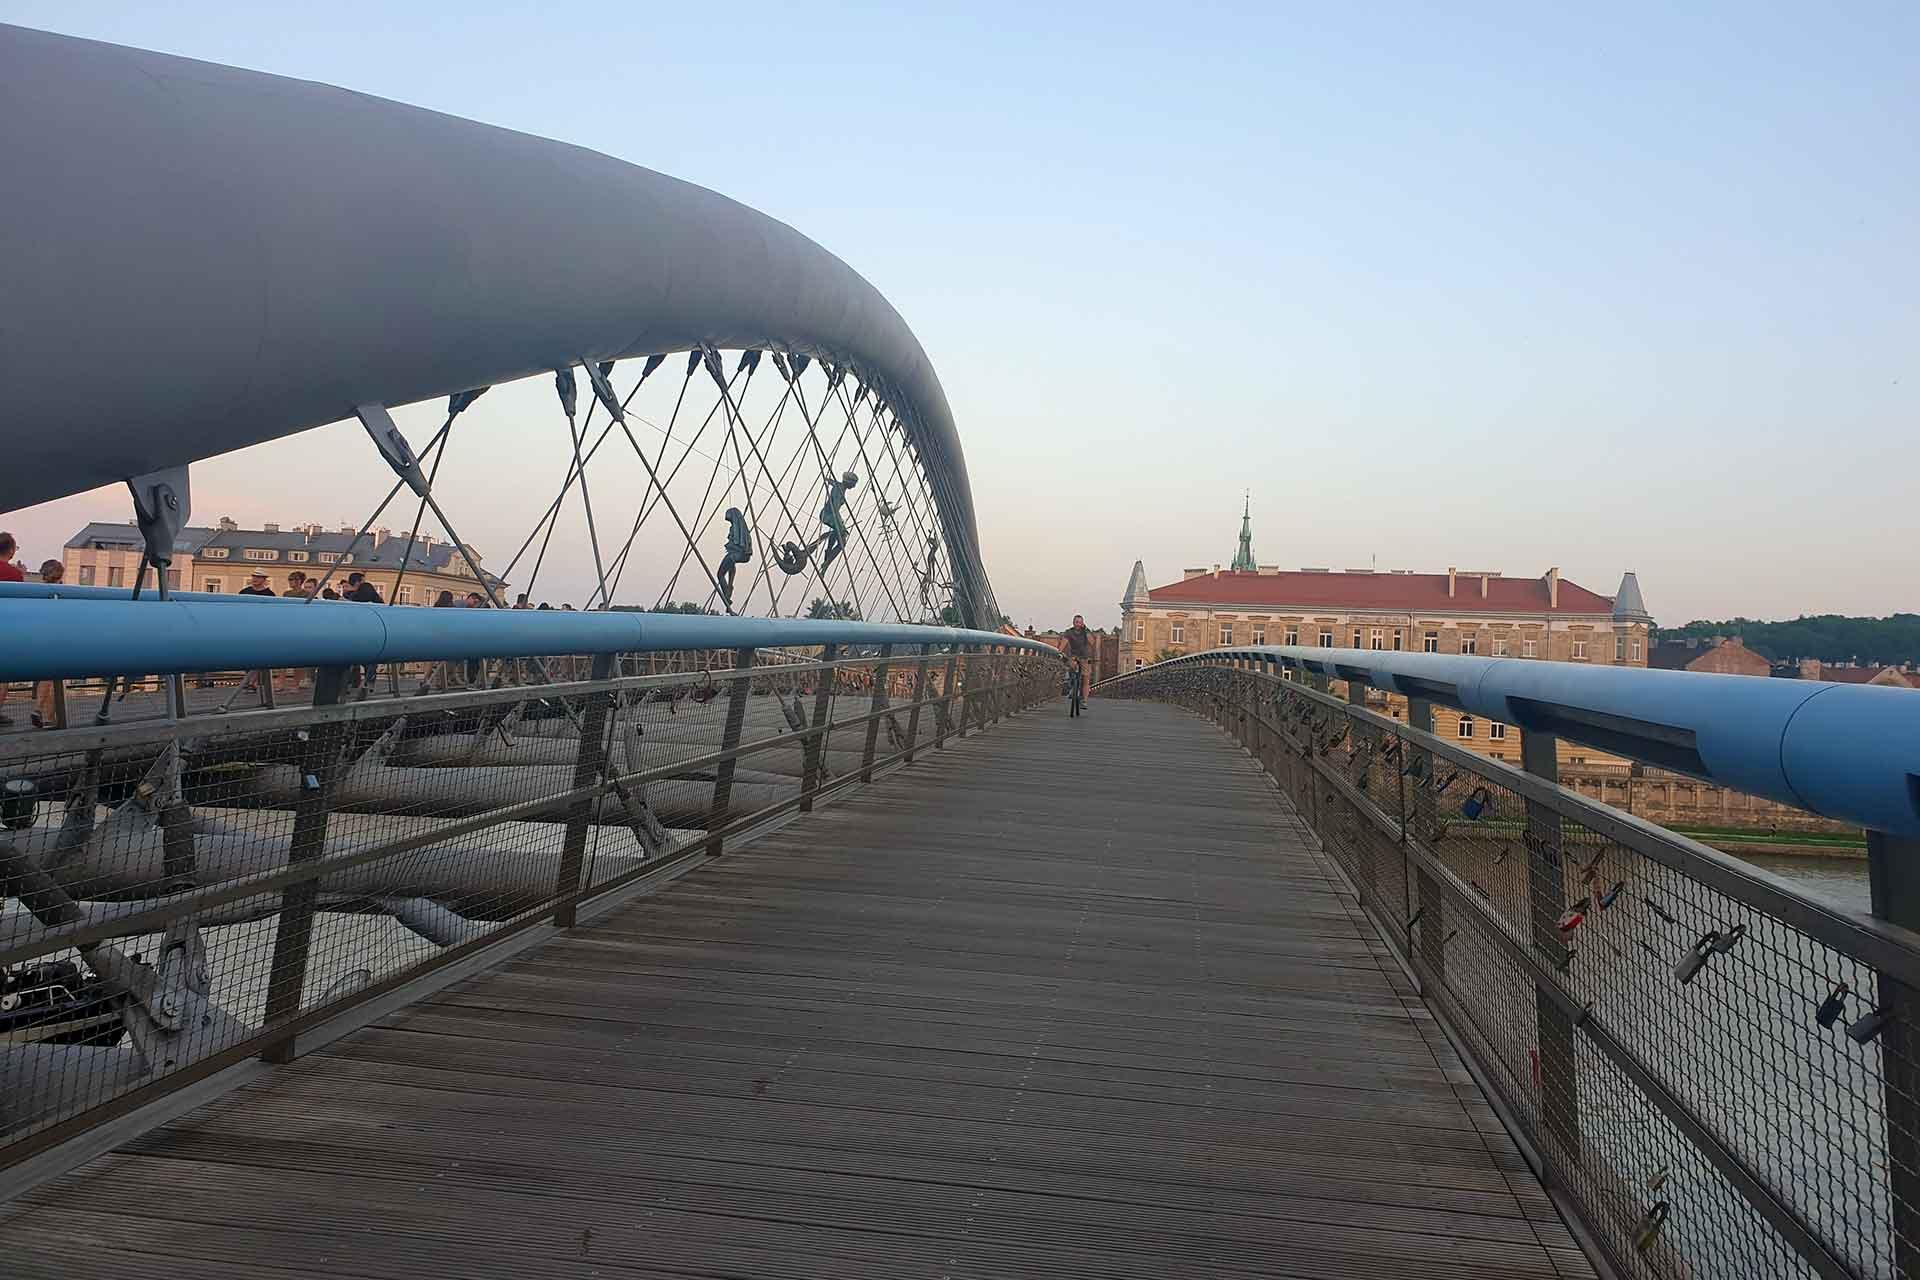 cracovia: ponte che porta al ghetto ebraico